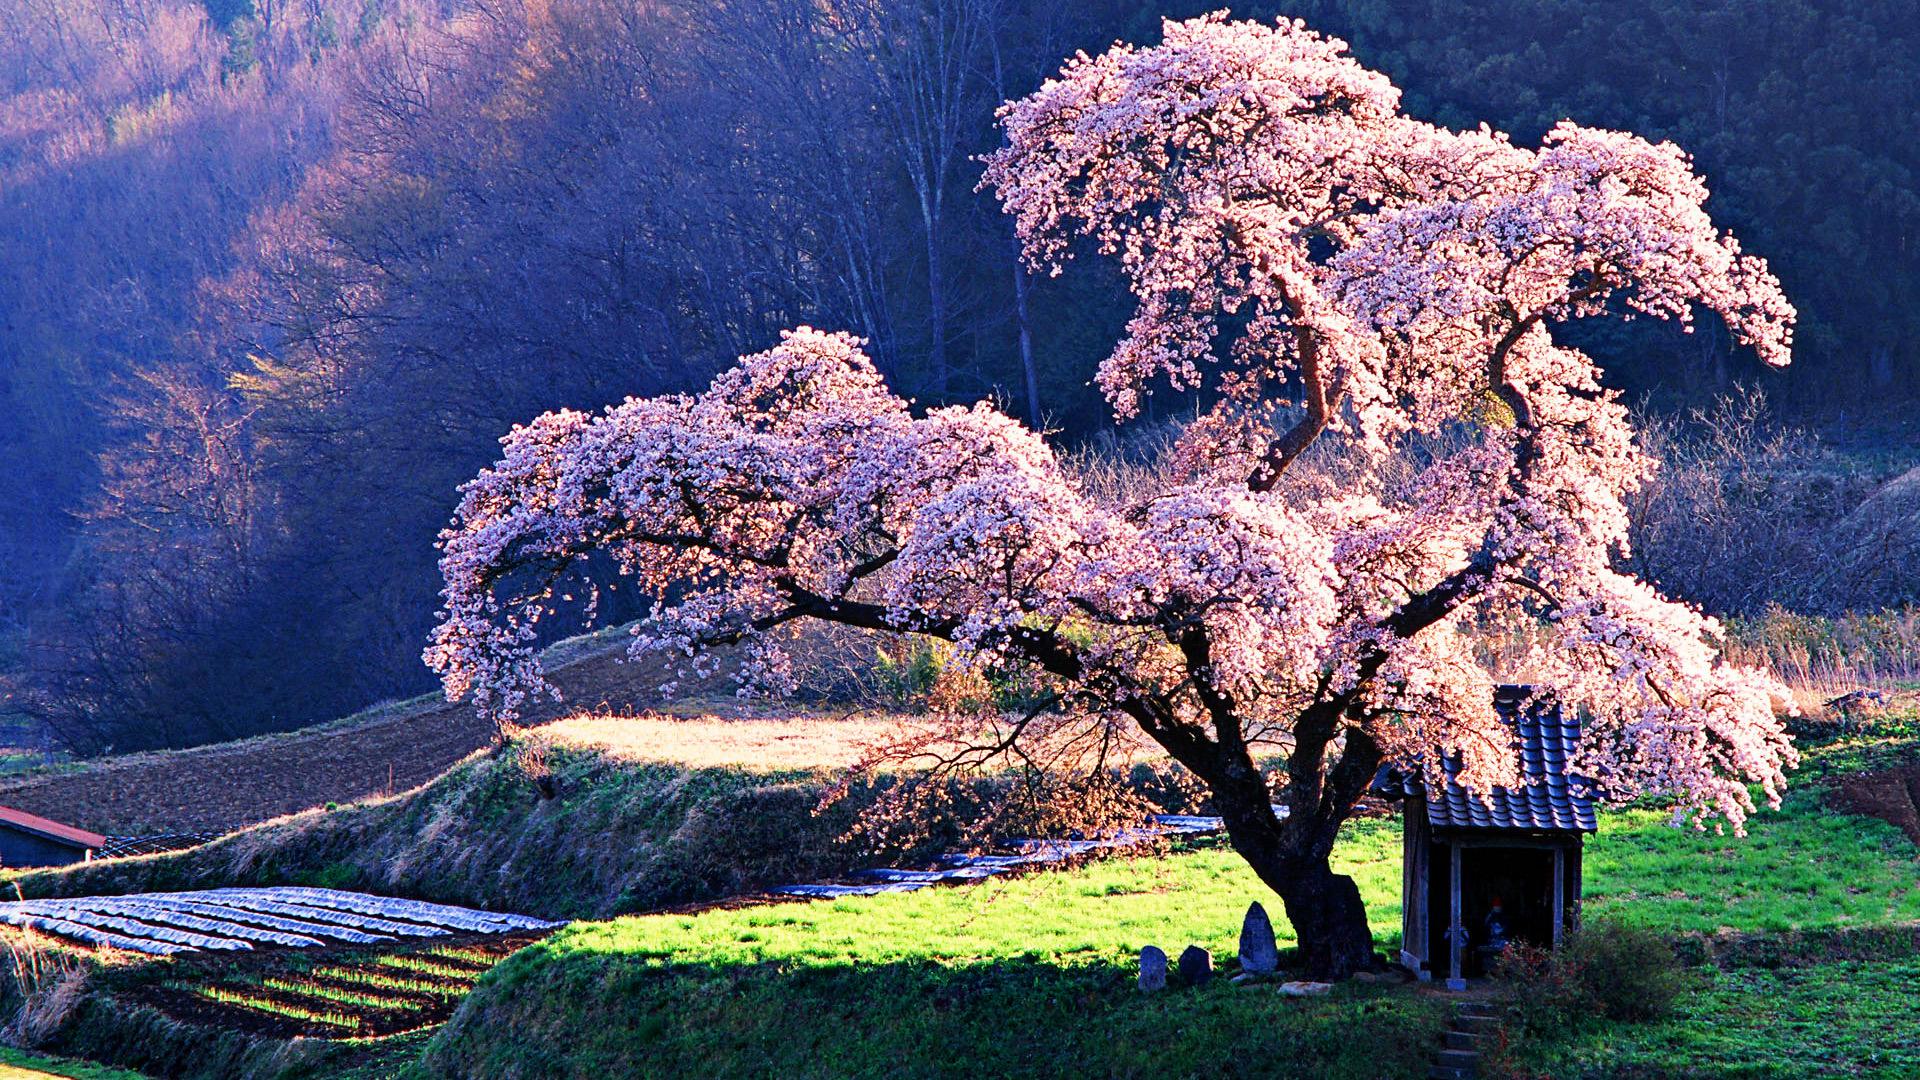 Обои рабочего стола природа деревья цветущие